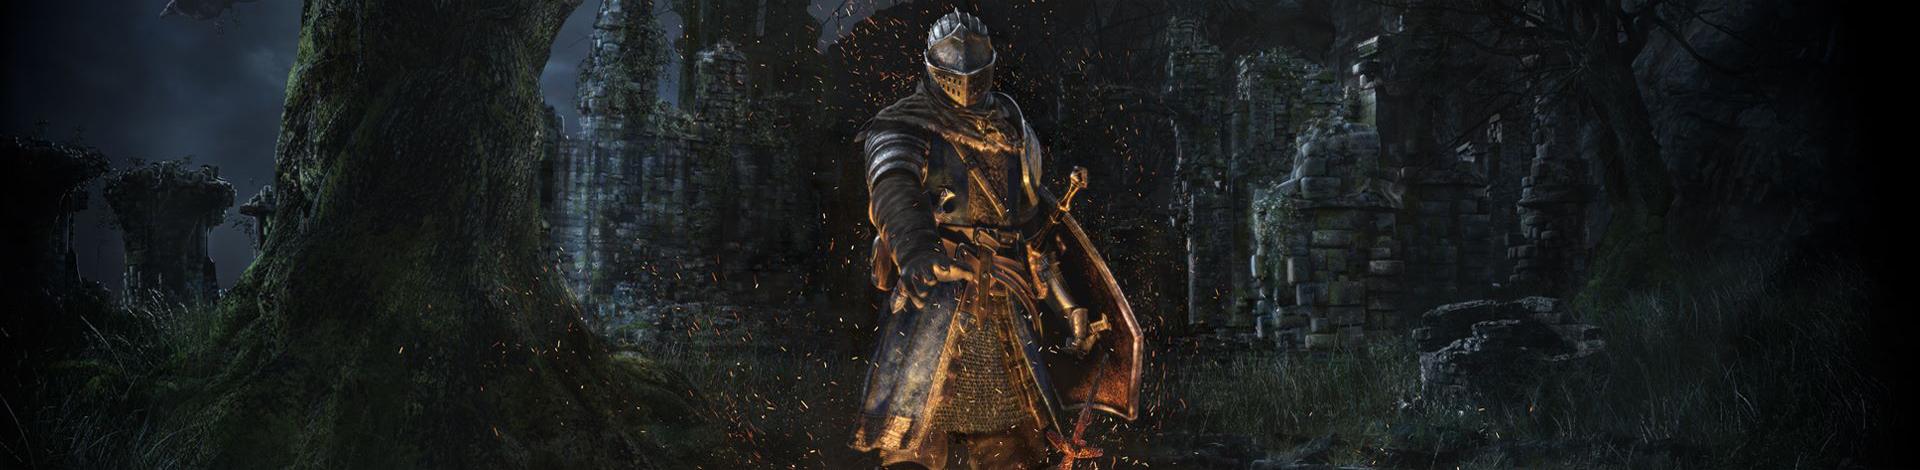 Meilleurs jeux vidéo du mois de juin 2018 Dark Souls Remastered